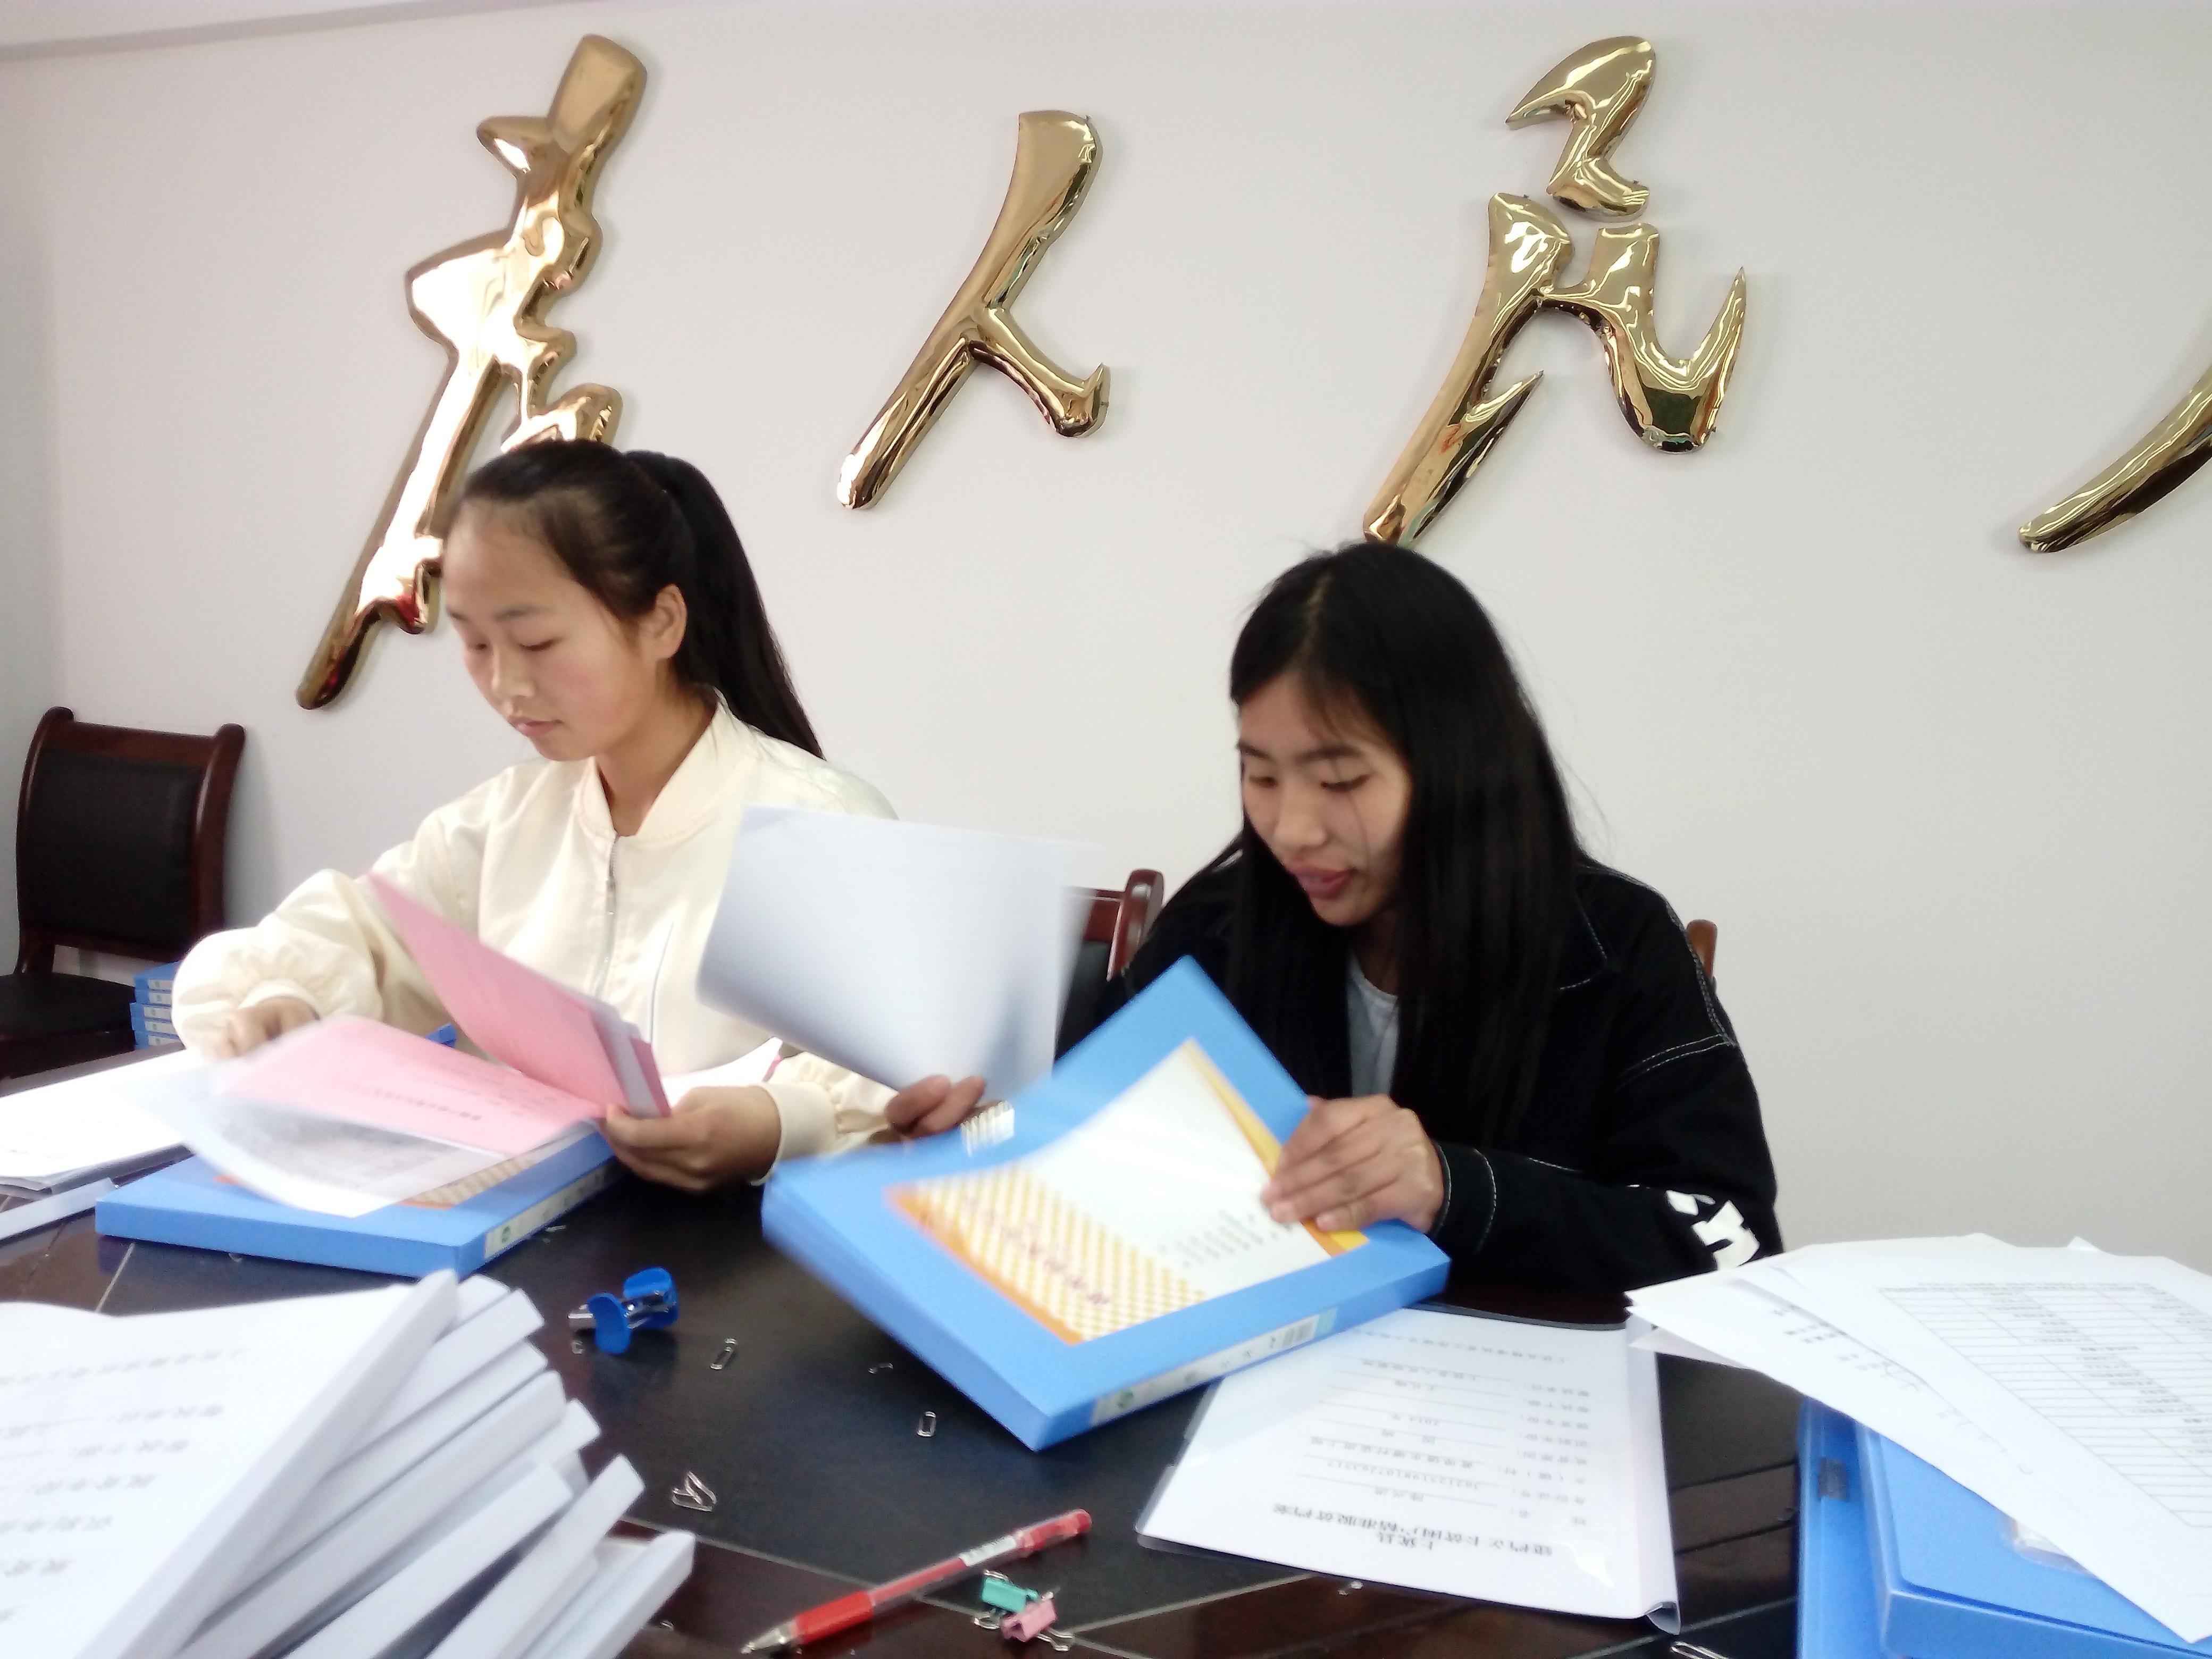 17春会计班参加社会实践